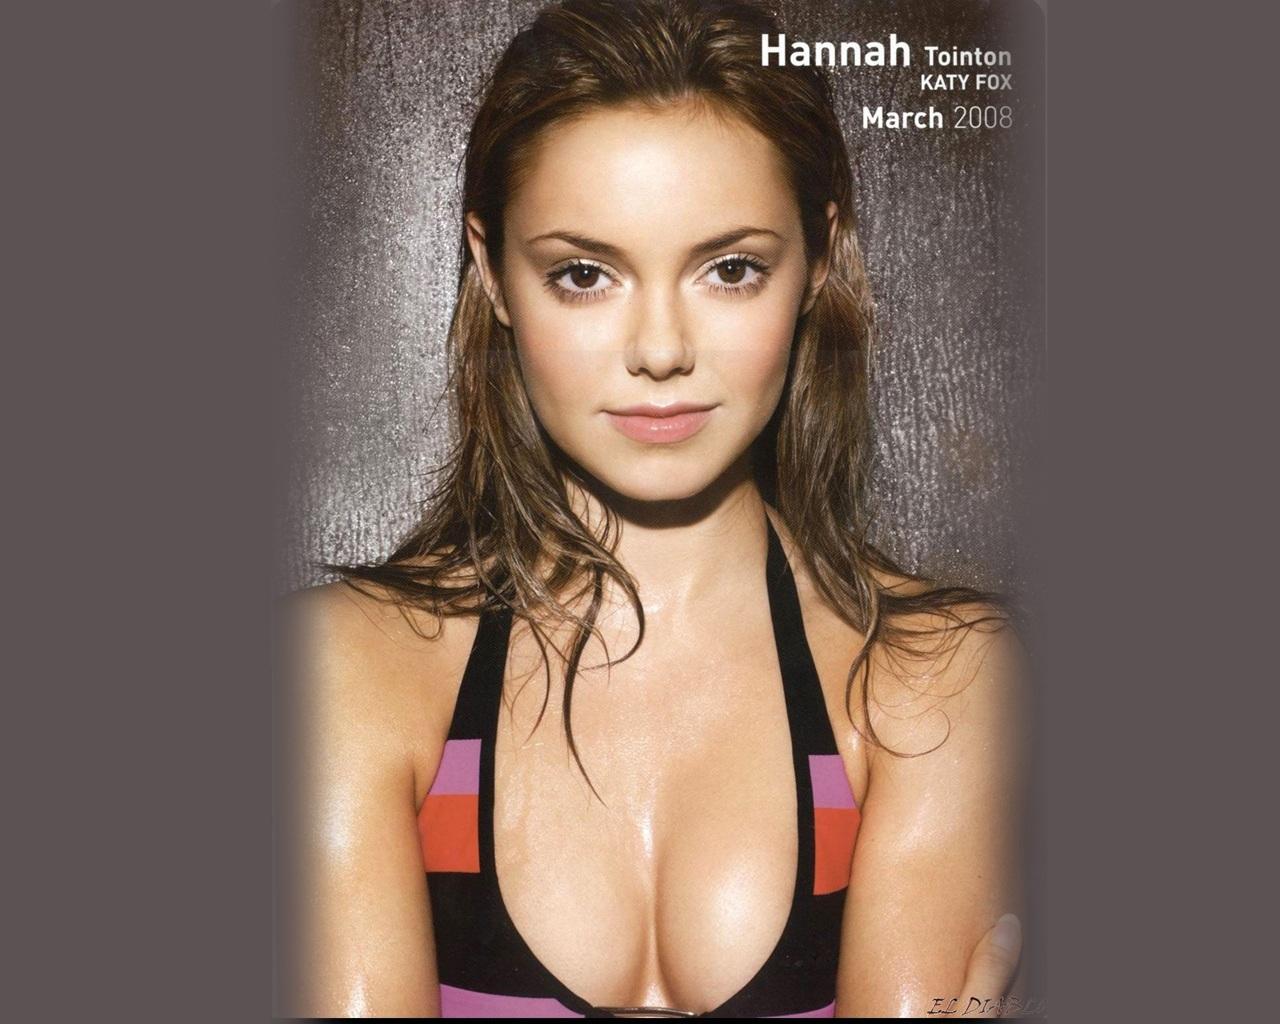 Hannah tointon hot